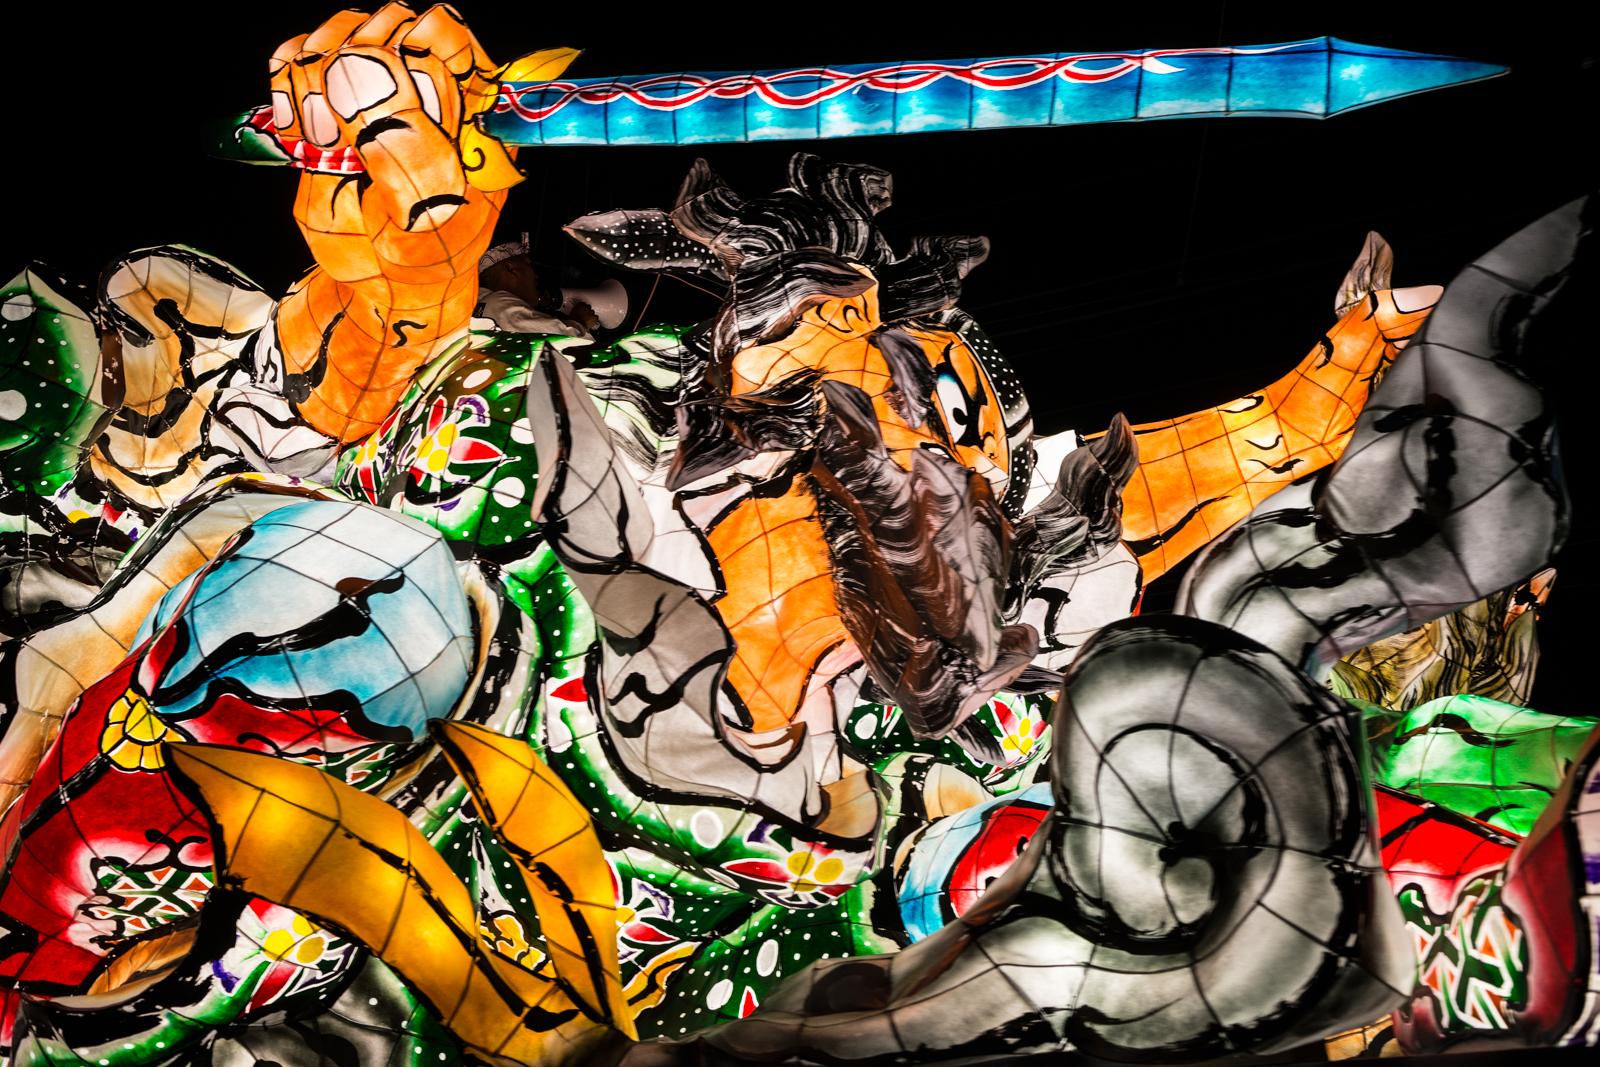 羽衣ねぶた祭り、山車燈籠の写真